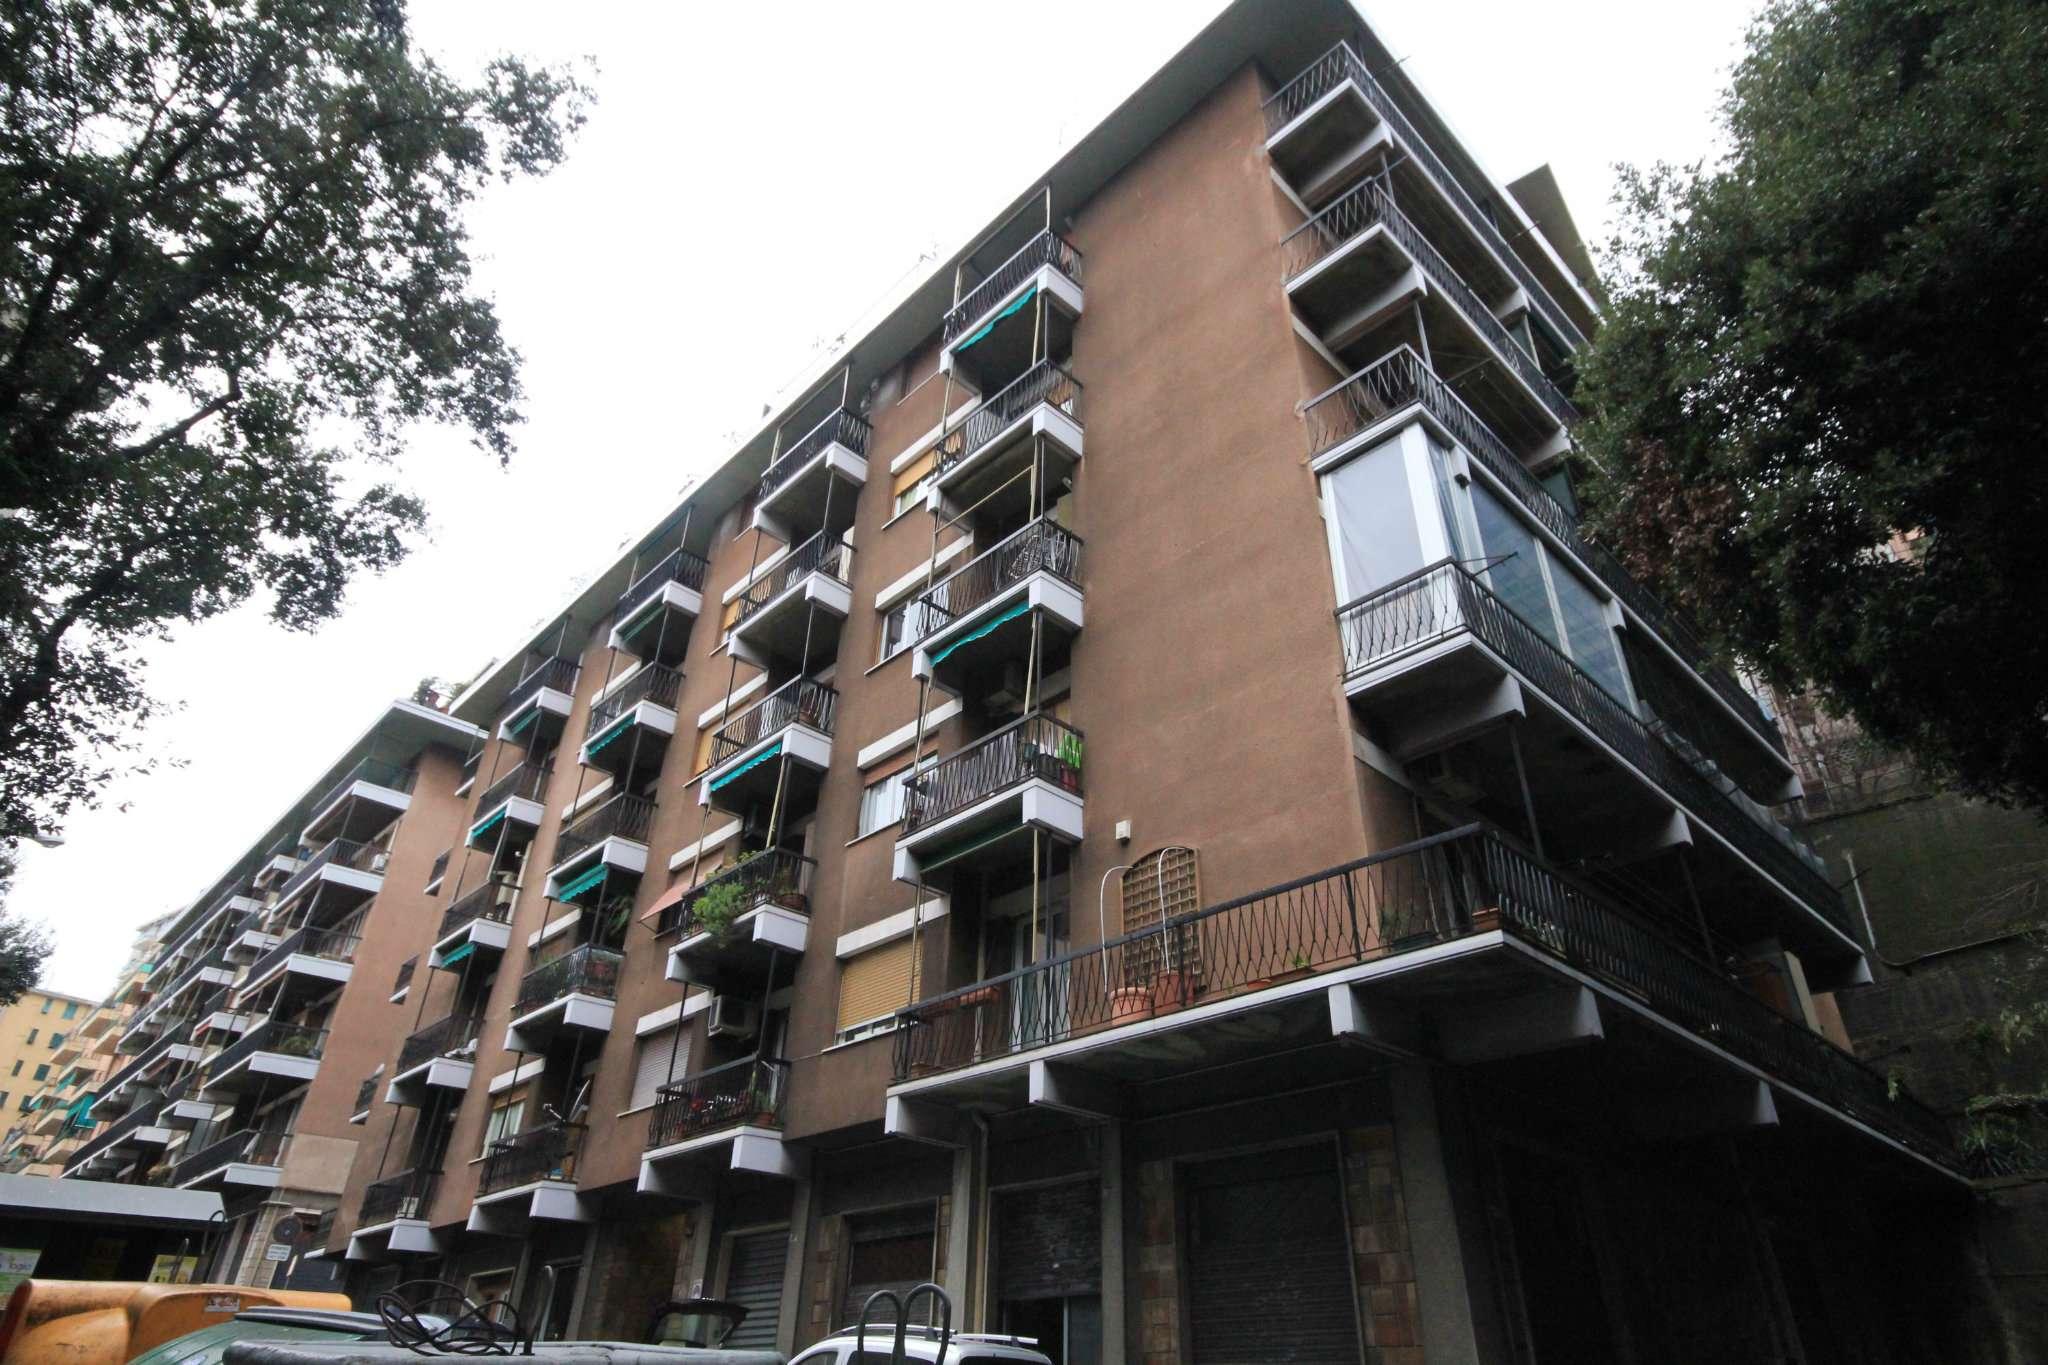 Appartamento in Vendita a Genova Semicentro: 3 locali, 50 mq